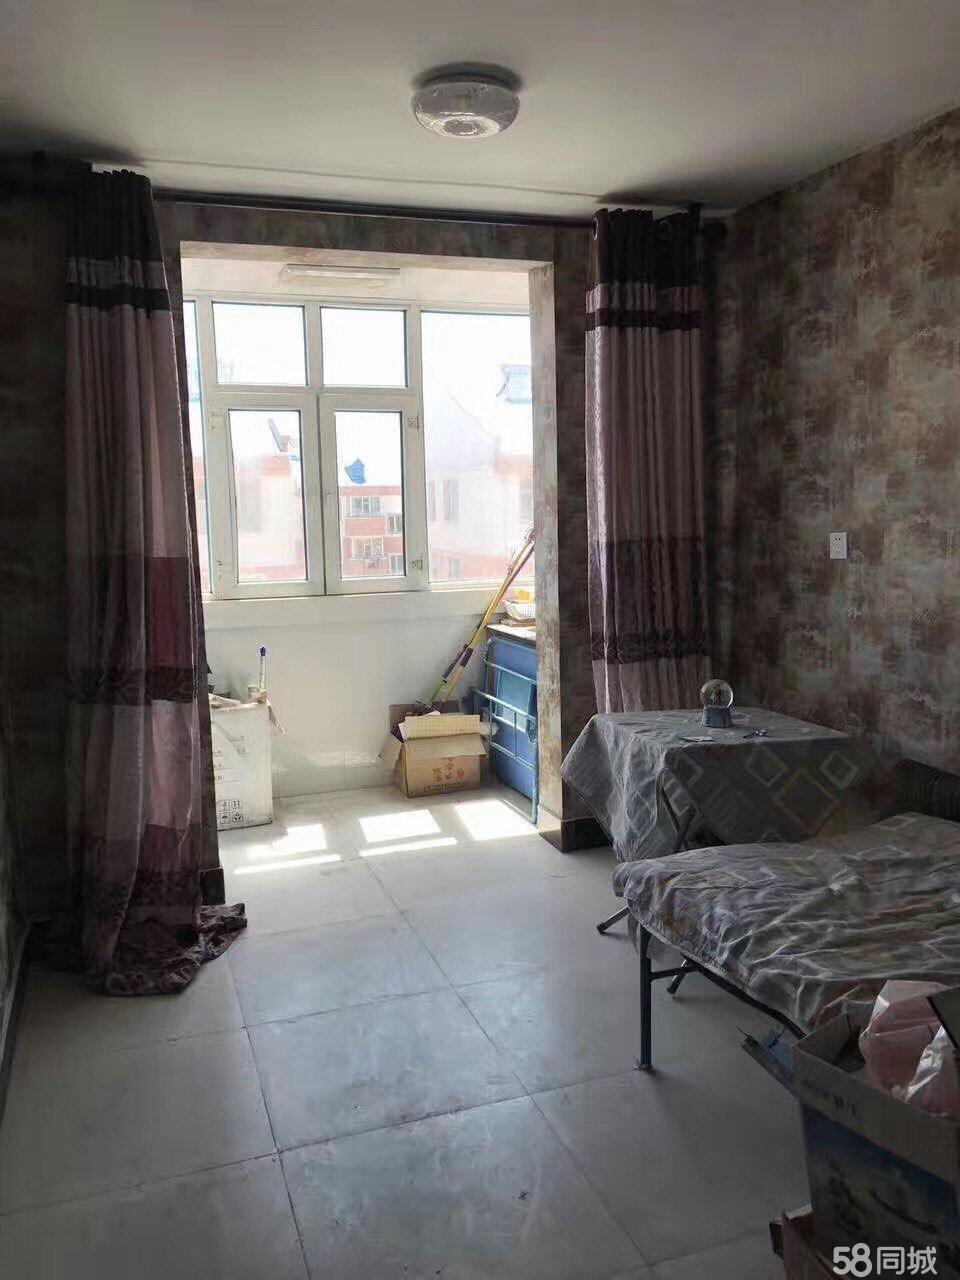 阳光家园B区1室1厅1卫低价急售包过户